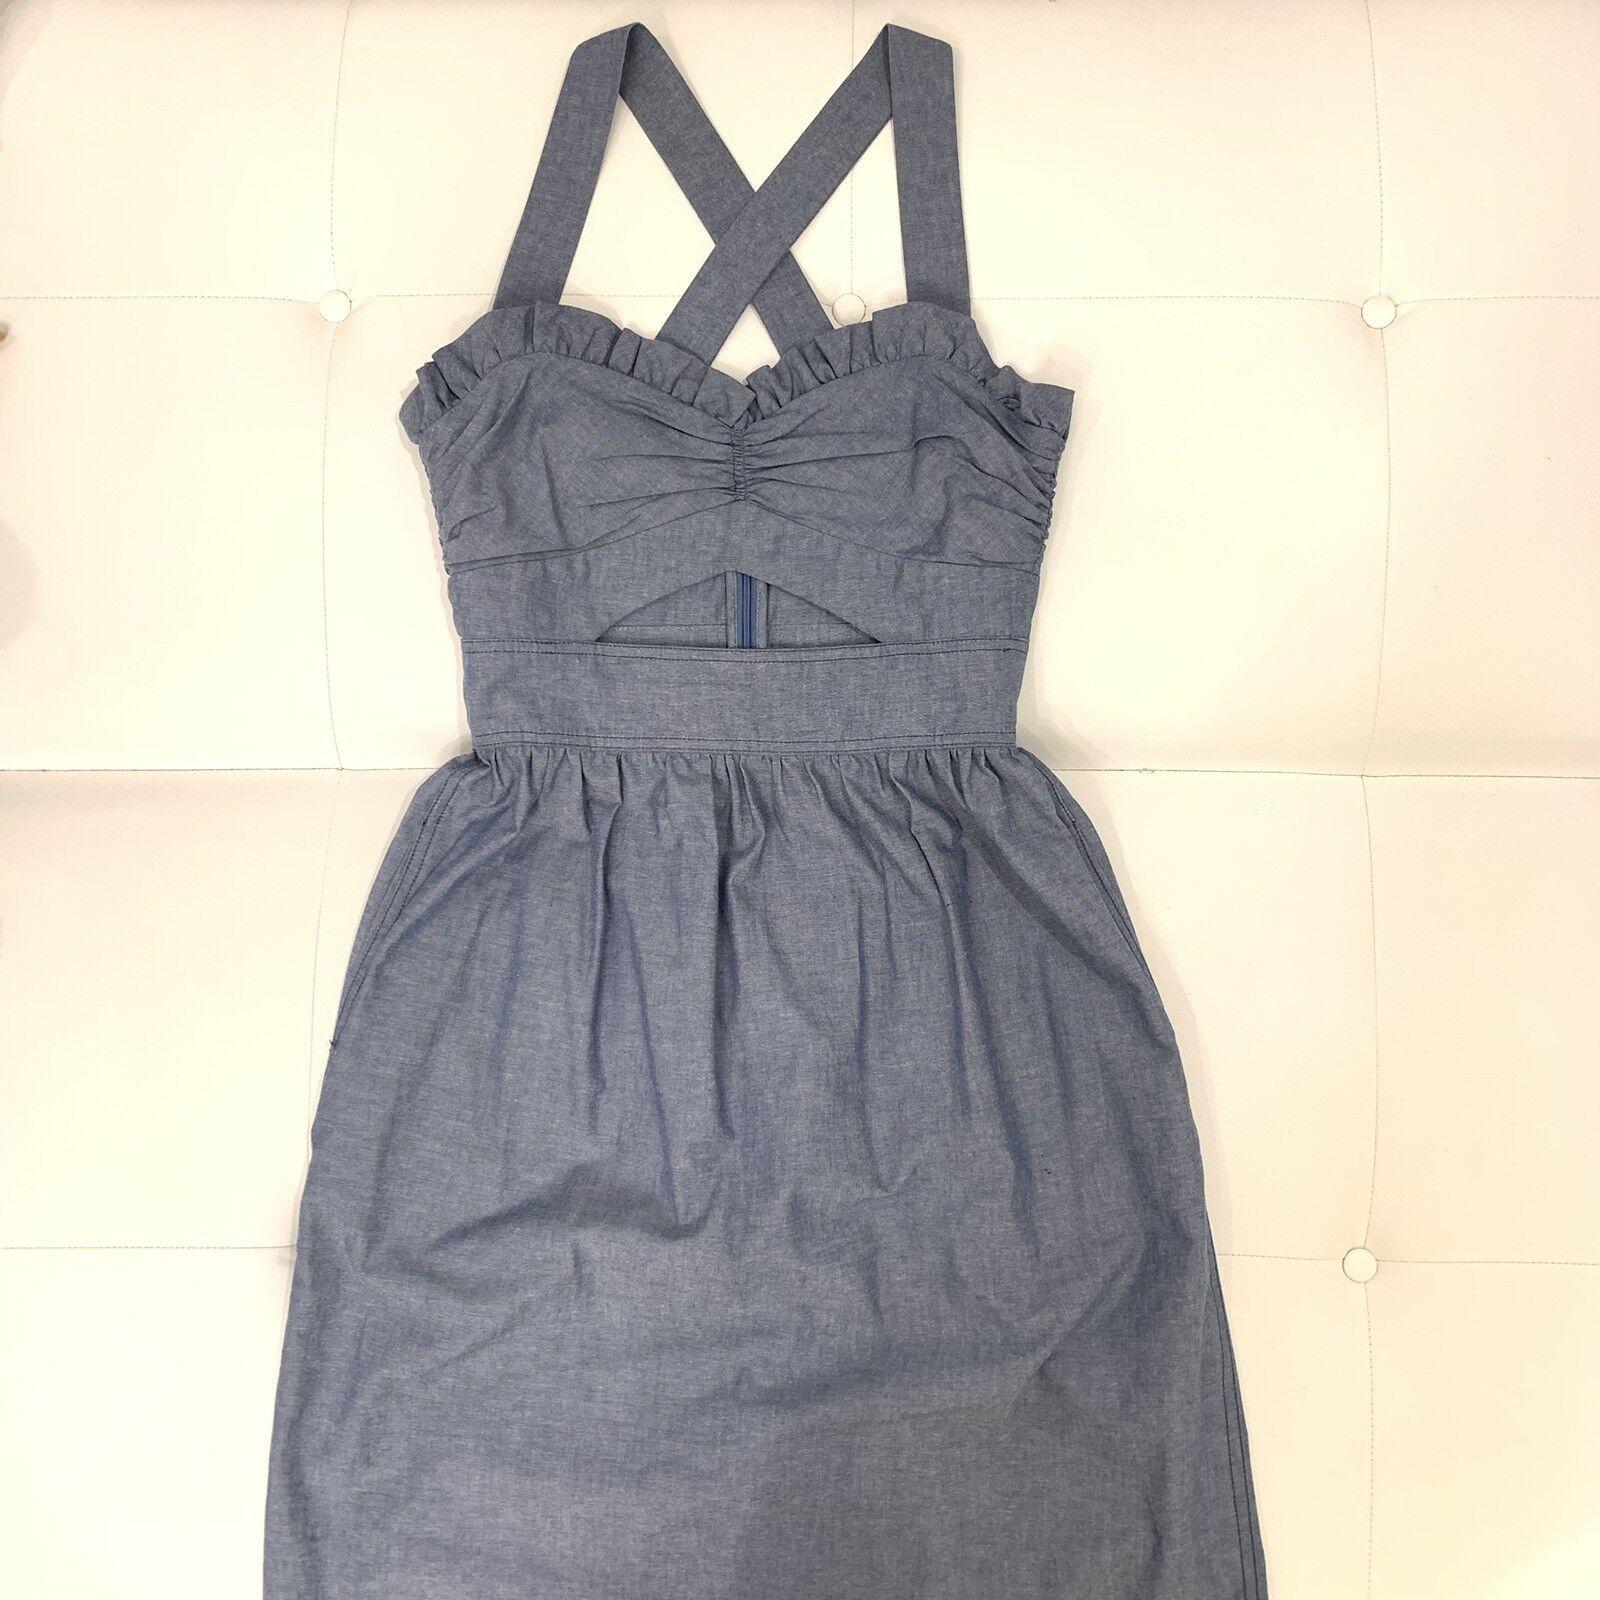 JILL STUART Denim Wash Dress Sz 6